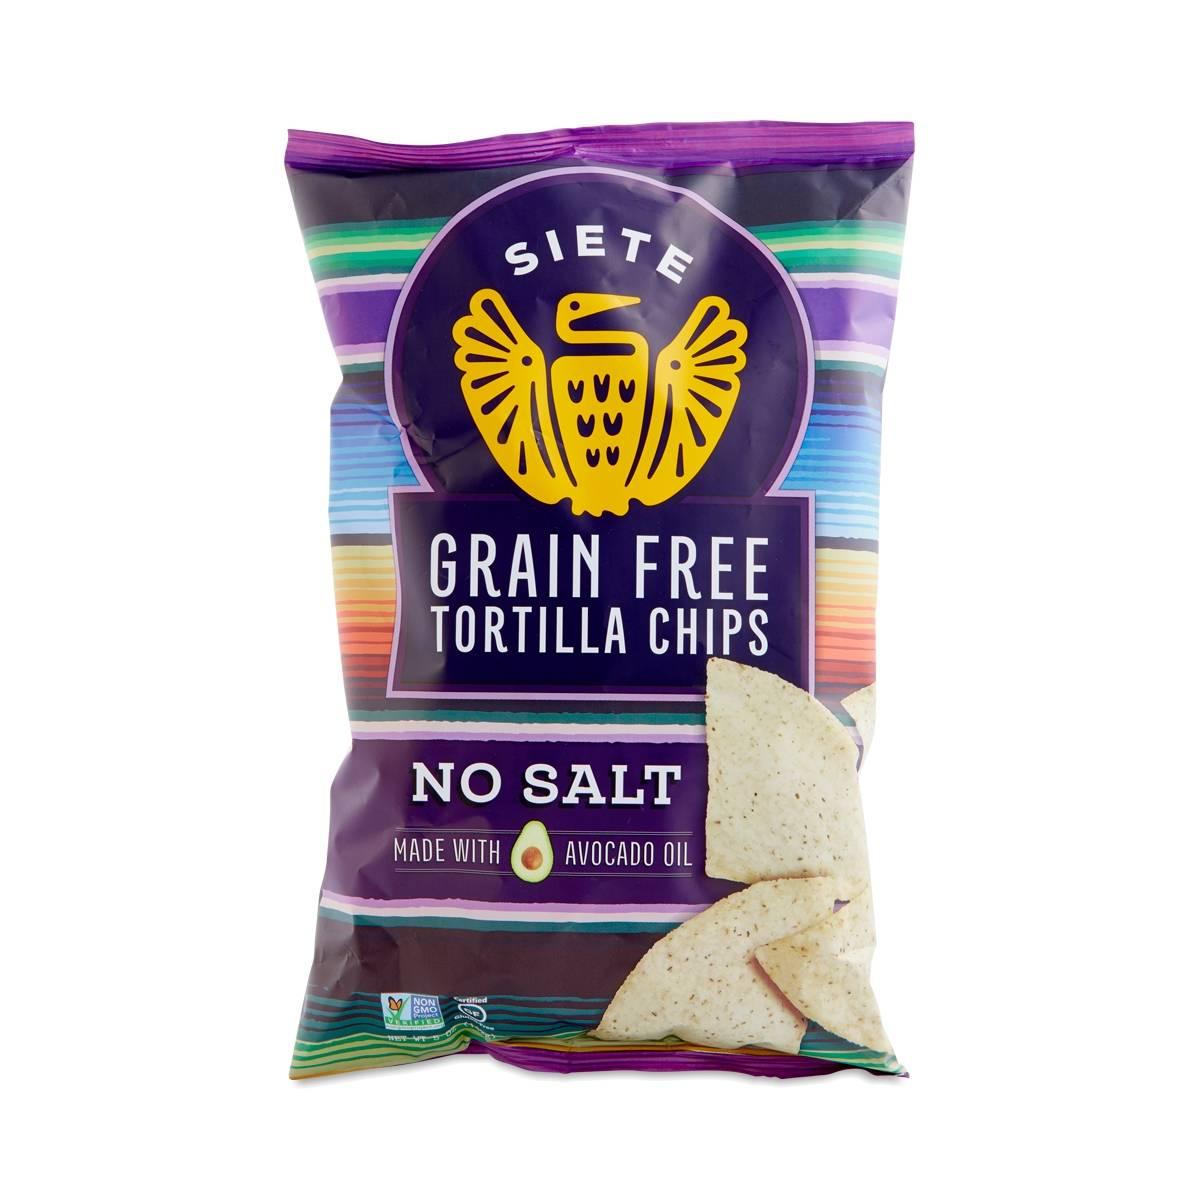 Siete No Salt Grain Free Tortilla Chips - Thrive Market